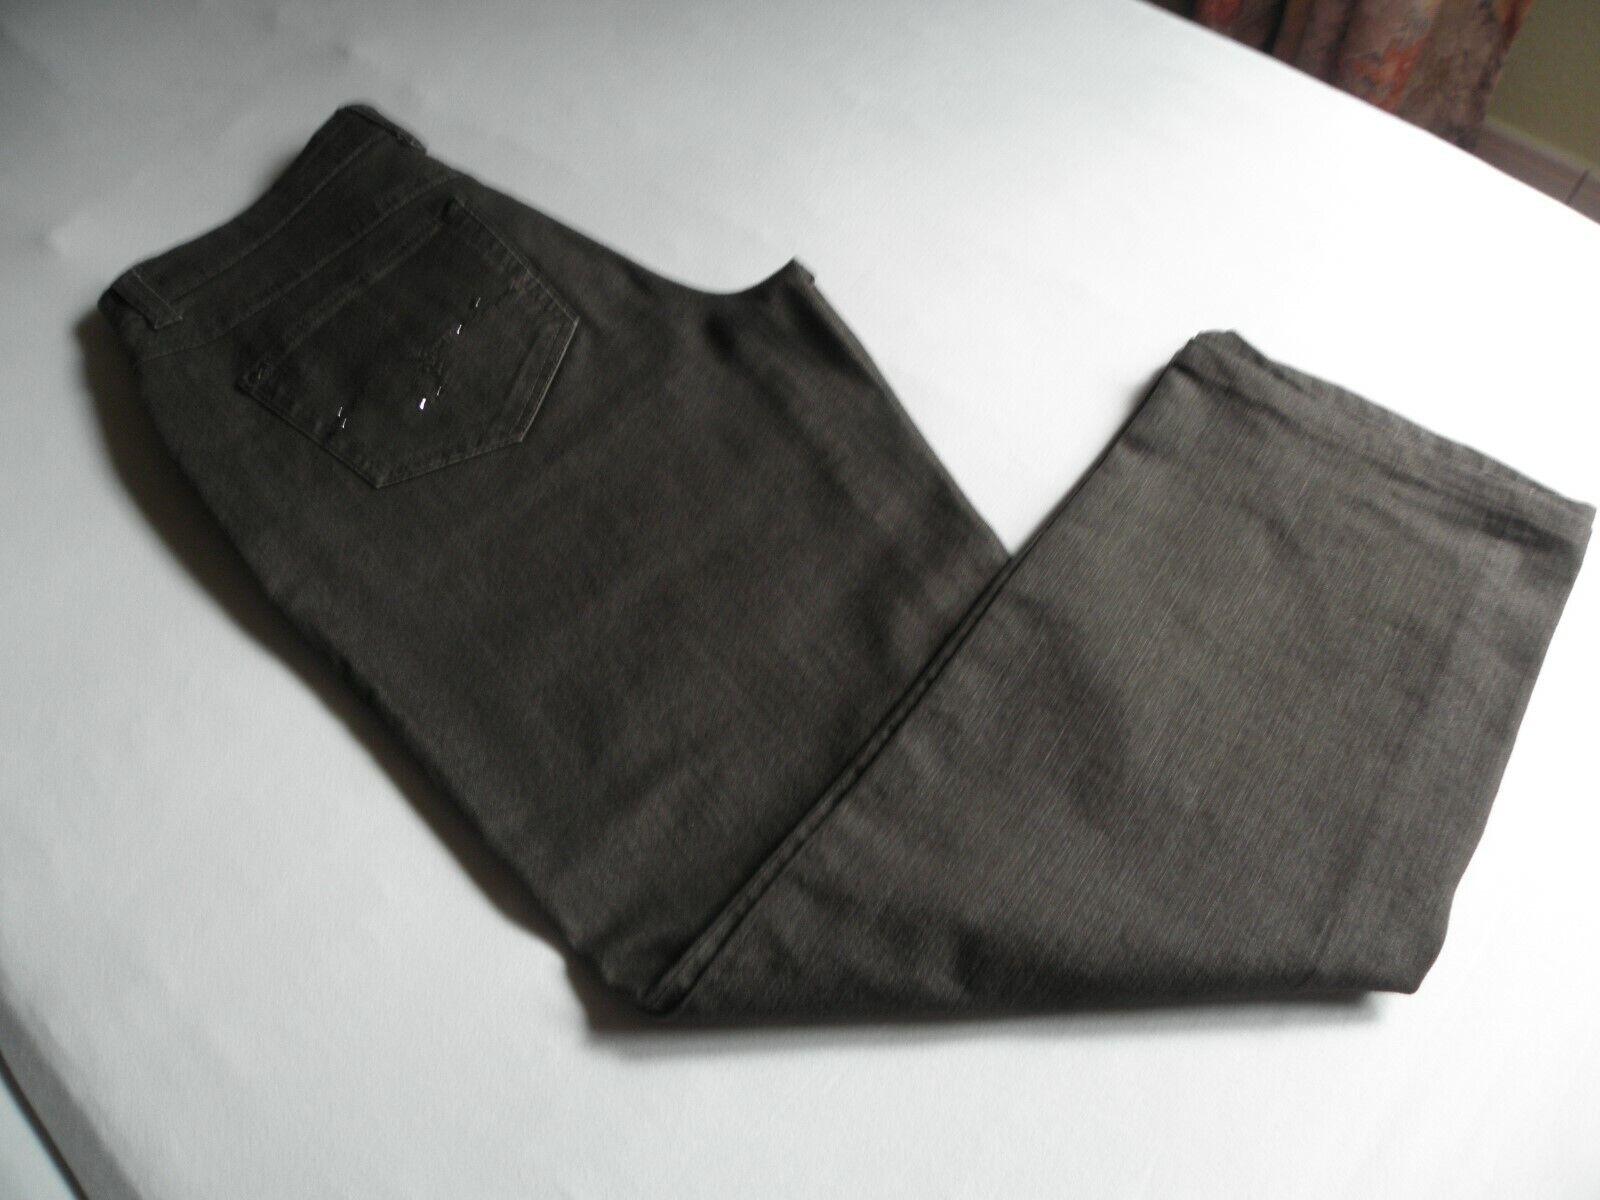 Jeans MAC - Stella -  Gr. 40 32 - - - braun | Für Ihre Wahl  | Ideales Geschenk für alle Gelegenheiten  | Fierce Kaufen  | Exzellente Verarbeitung  | Charakteristisch  88a339